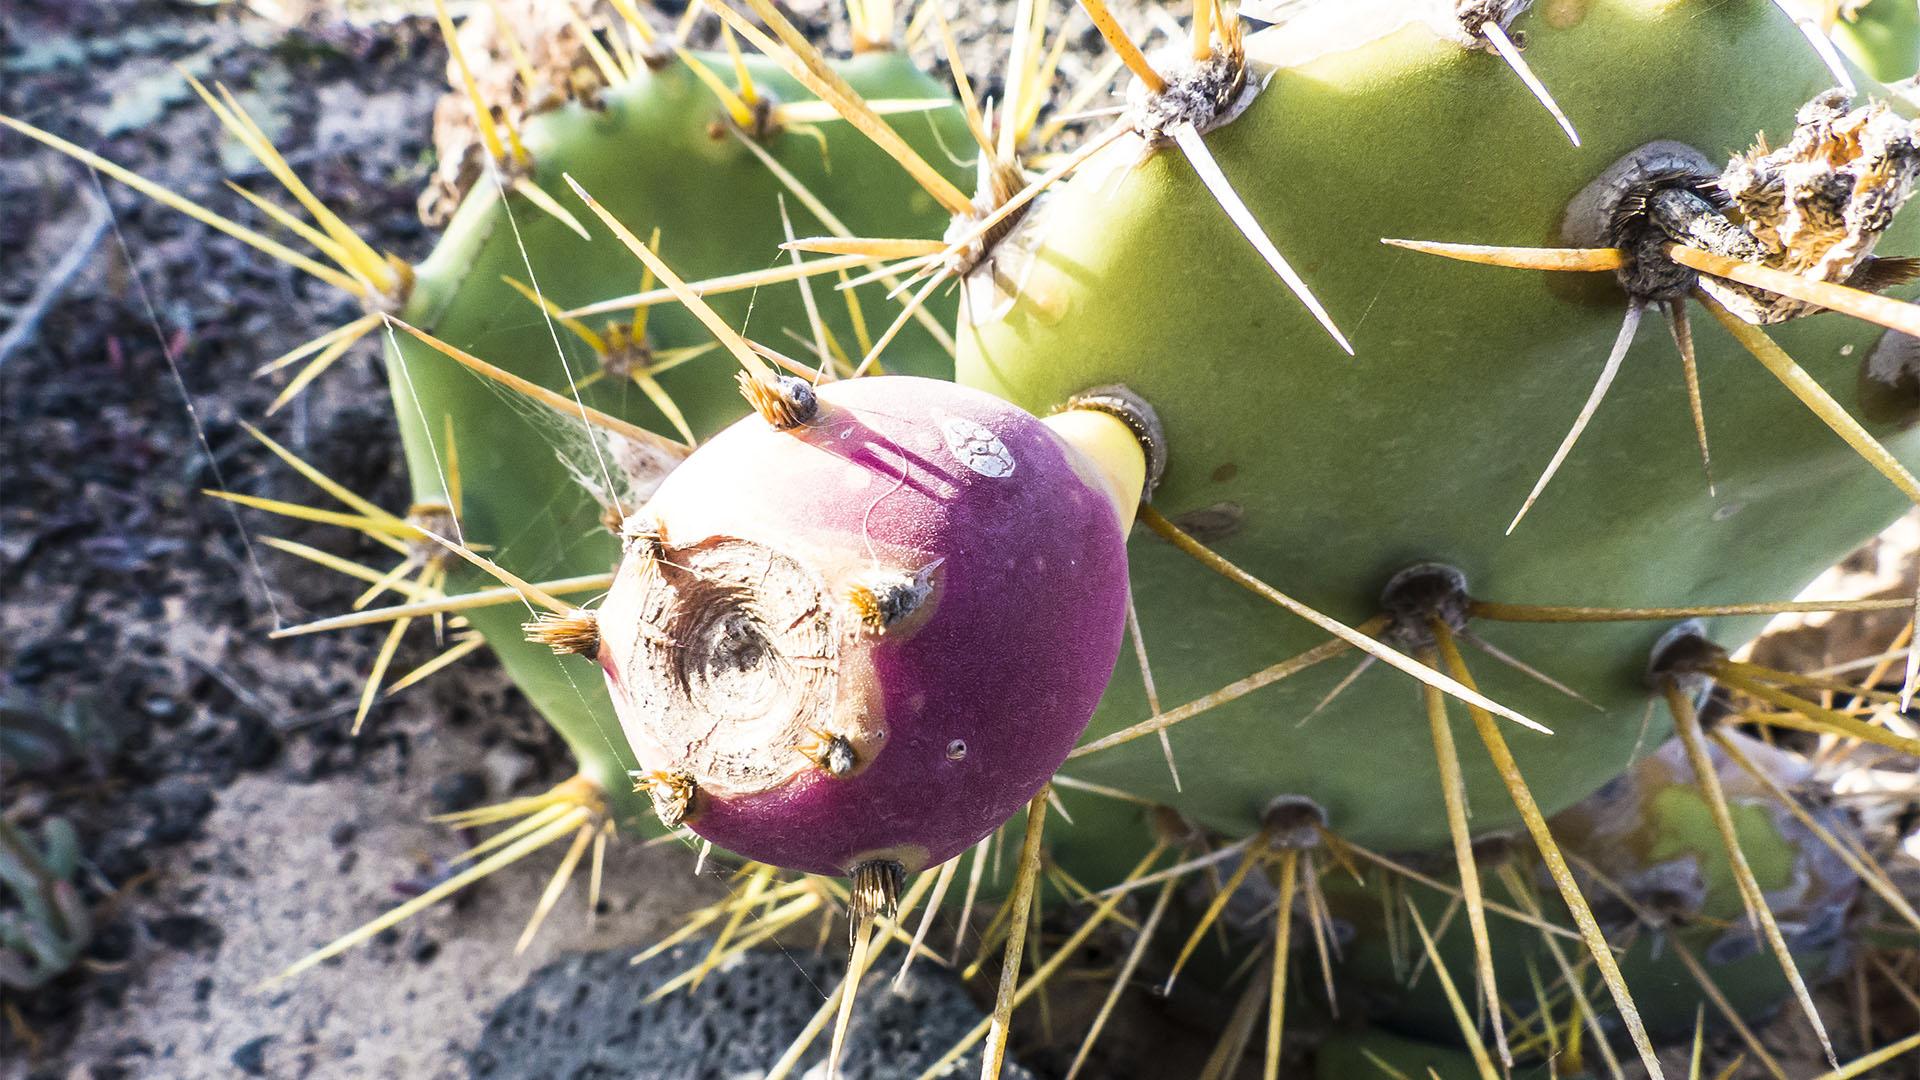 Der Ort Valle de Ortega Fuerteventura: Opuntien und deren Feigen in der Blüte.